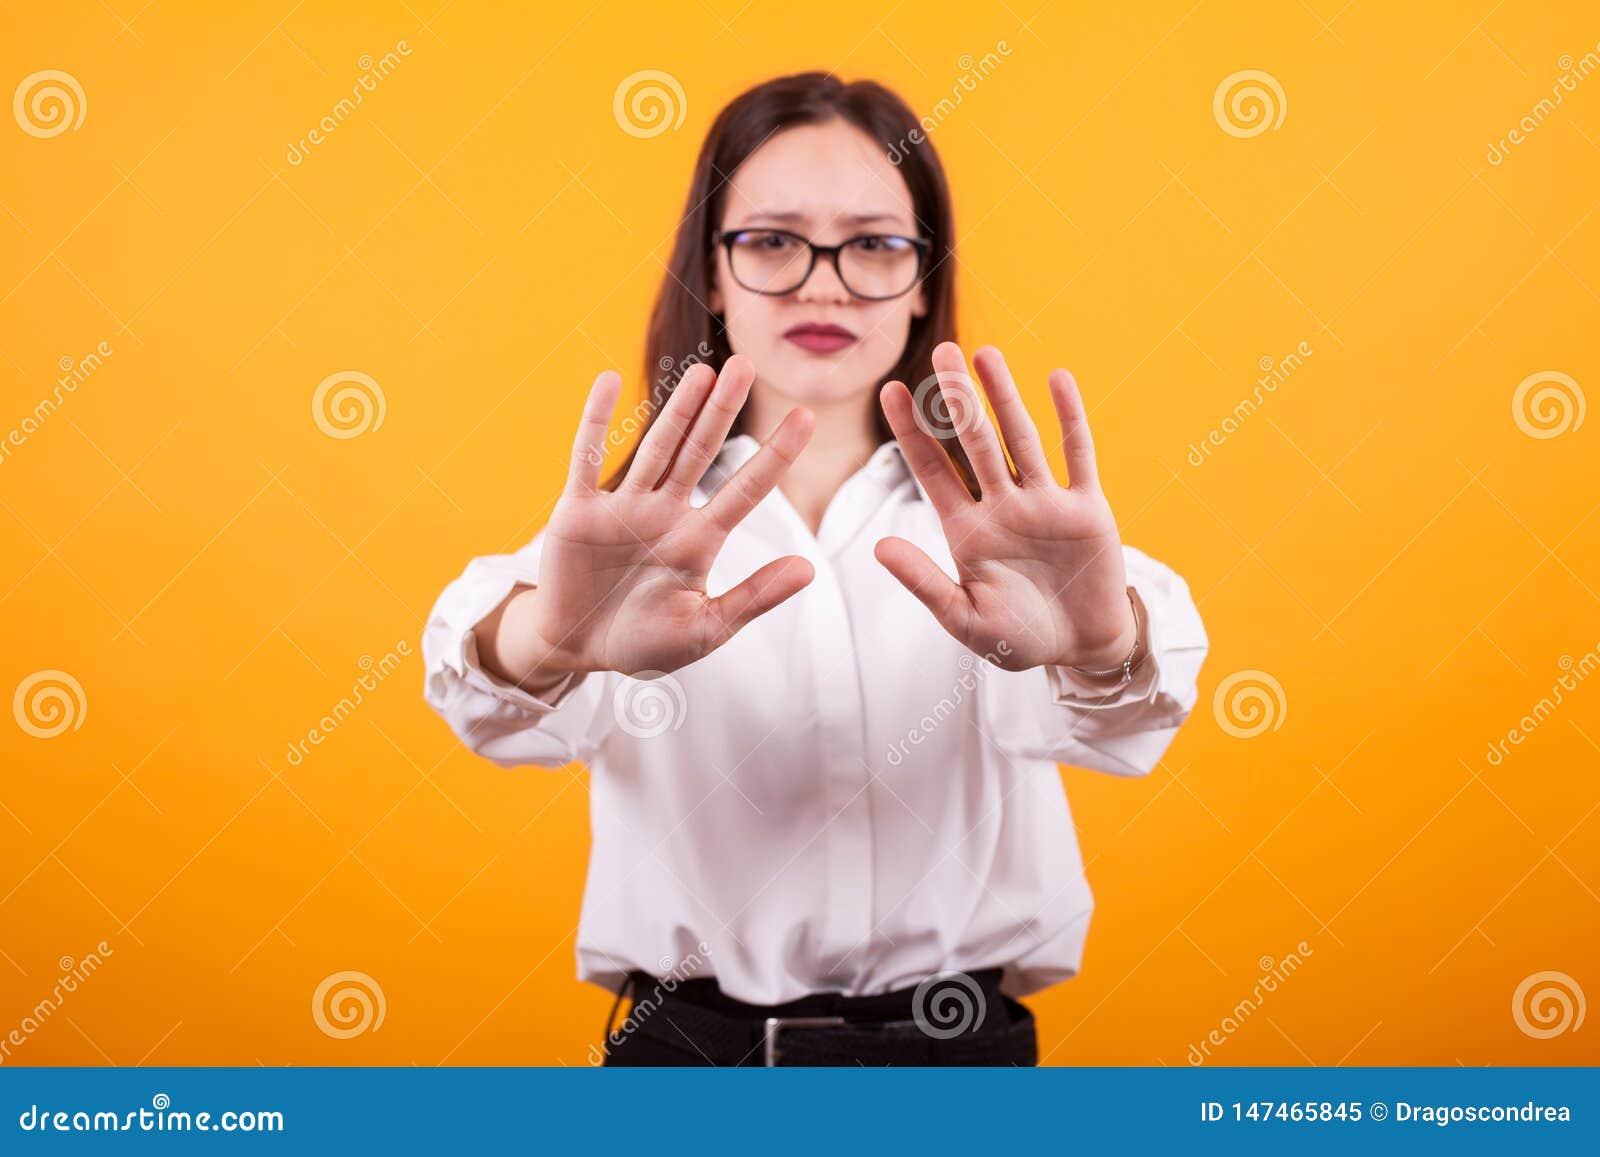 Πορτρέτο του χαριτωμένου κοριτσιού που παρουσιάζει χέρια στη κάμερα στο στούντιο πέρα από το κίτρινο υπόβαθρο